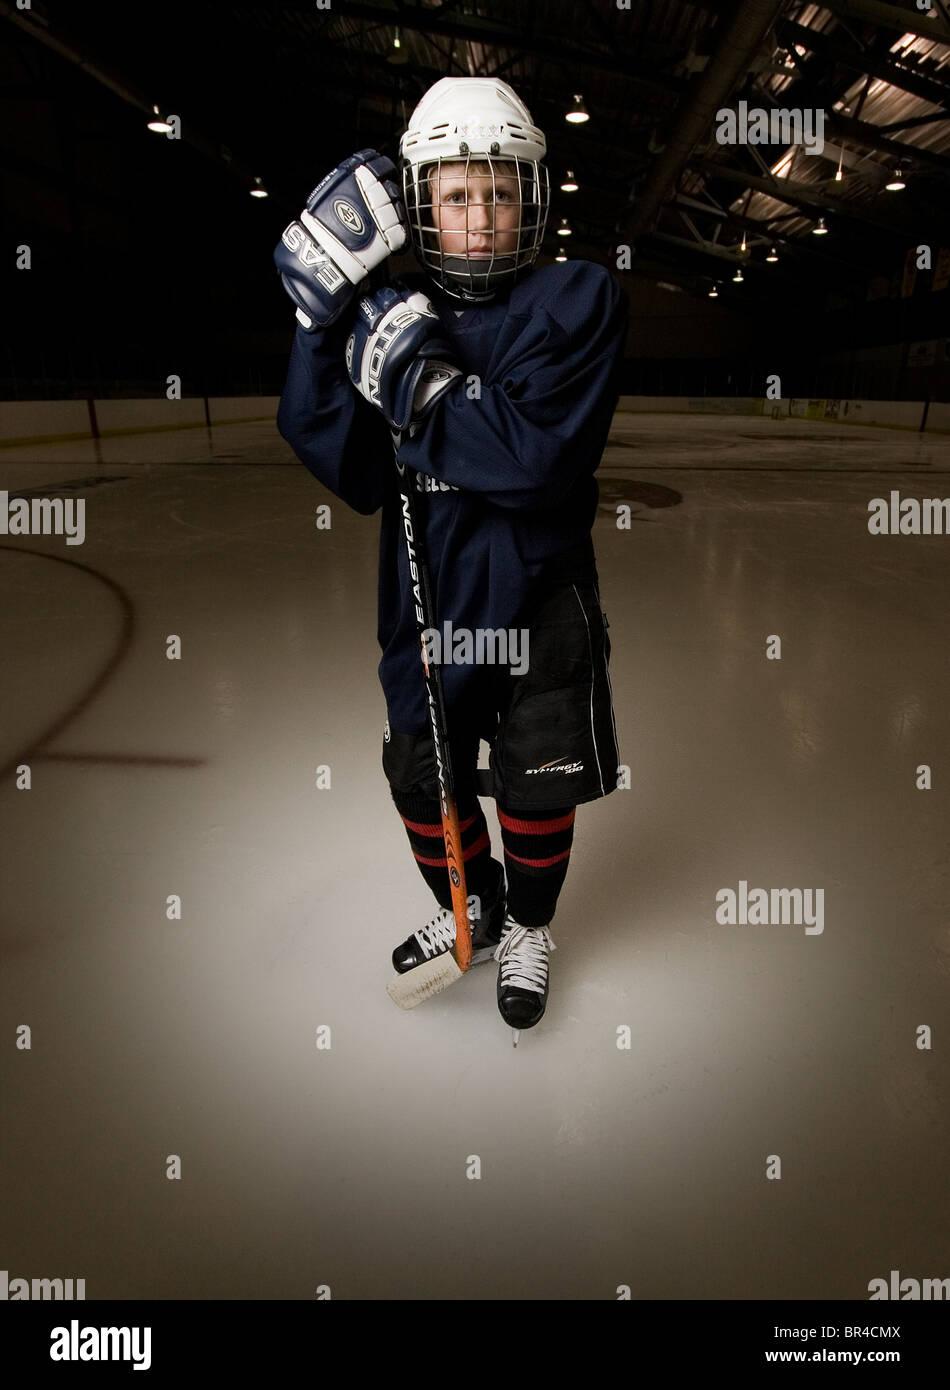 Nathaniel Werhane giocare ad hockey e posare per un ritratto a Santa Fe, New Mexico Immagini Stock